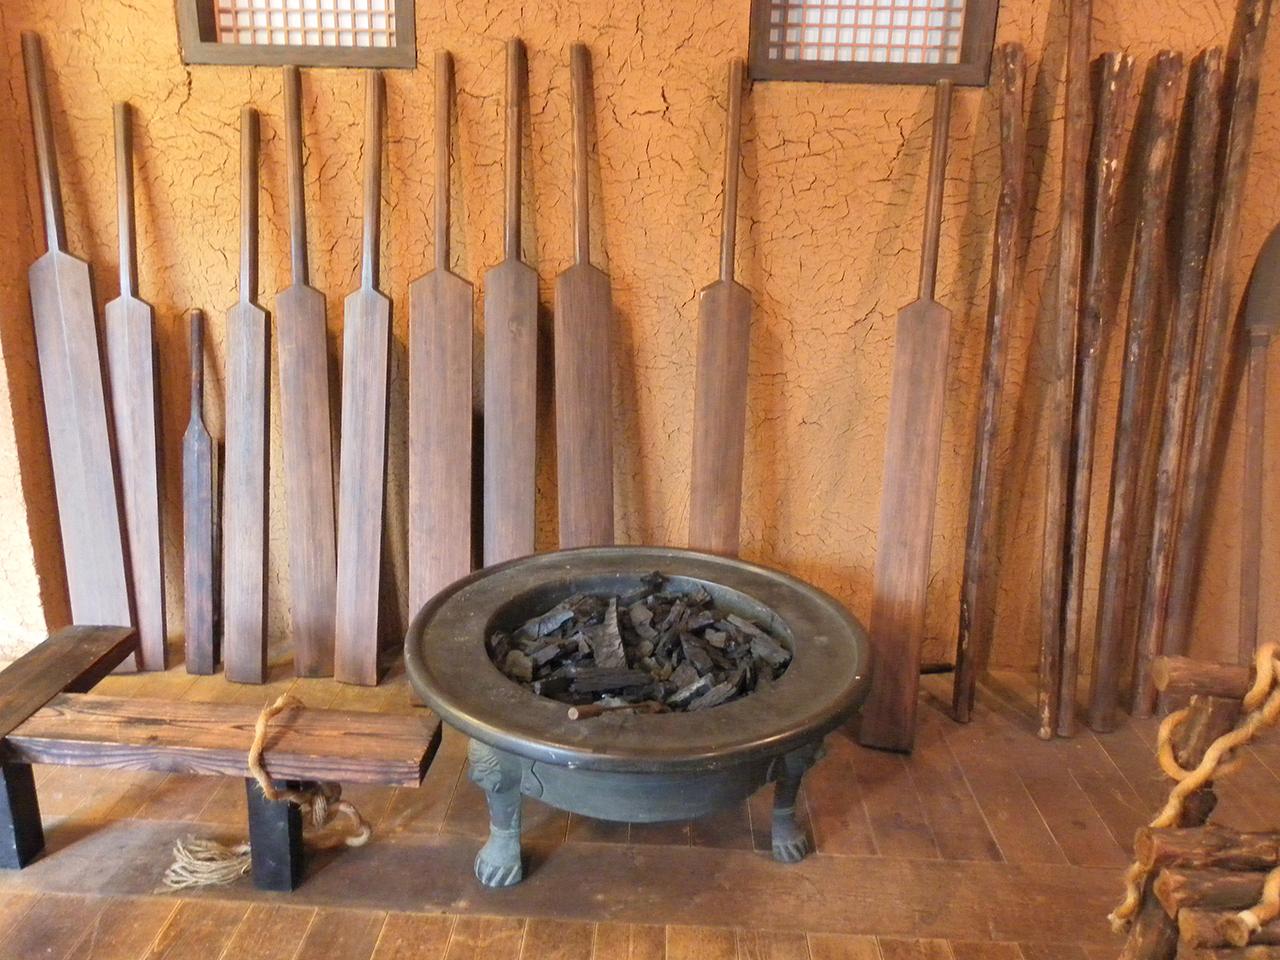 조선시대 형벌 도구. 서울시 합정동의 절두산순교성지에서 찍은 사진.